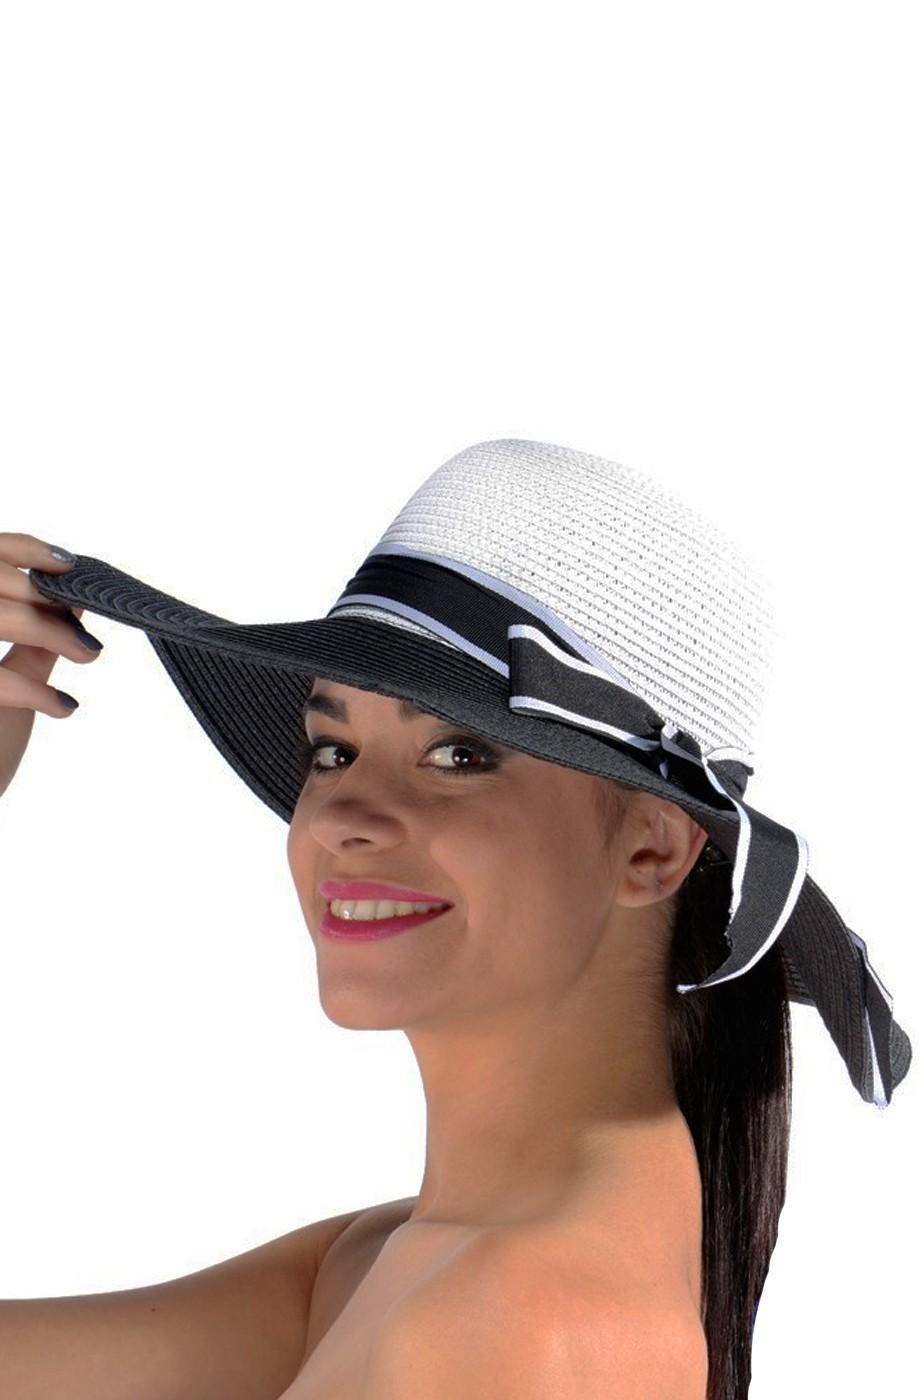 Sconto speciale informazioni per migliore selezione del 2019 Cappello adulta per fare colazione da Tiffany una meravigliosa audrey